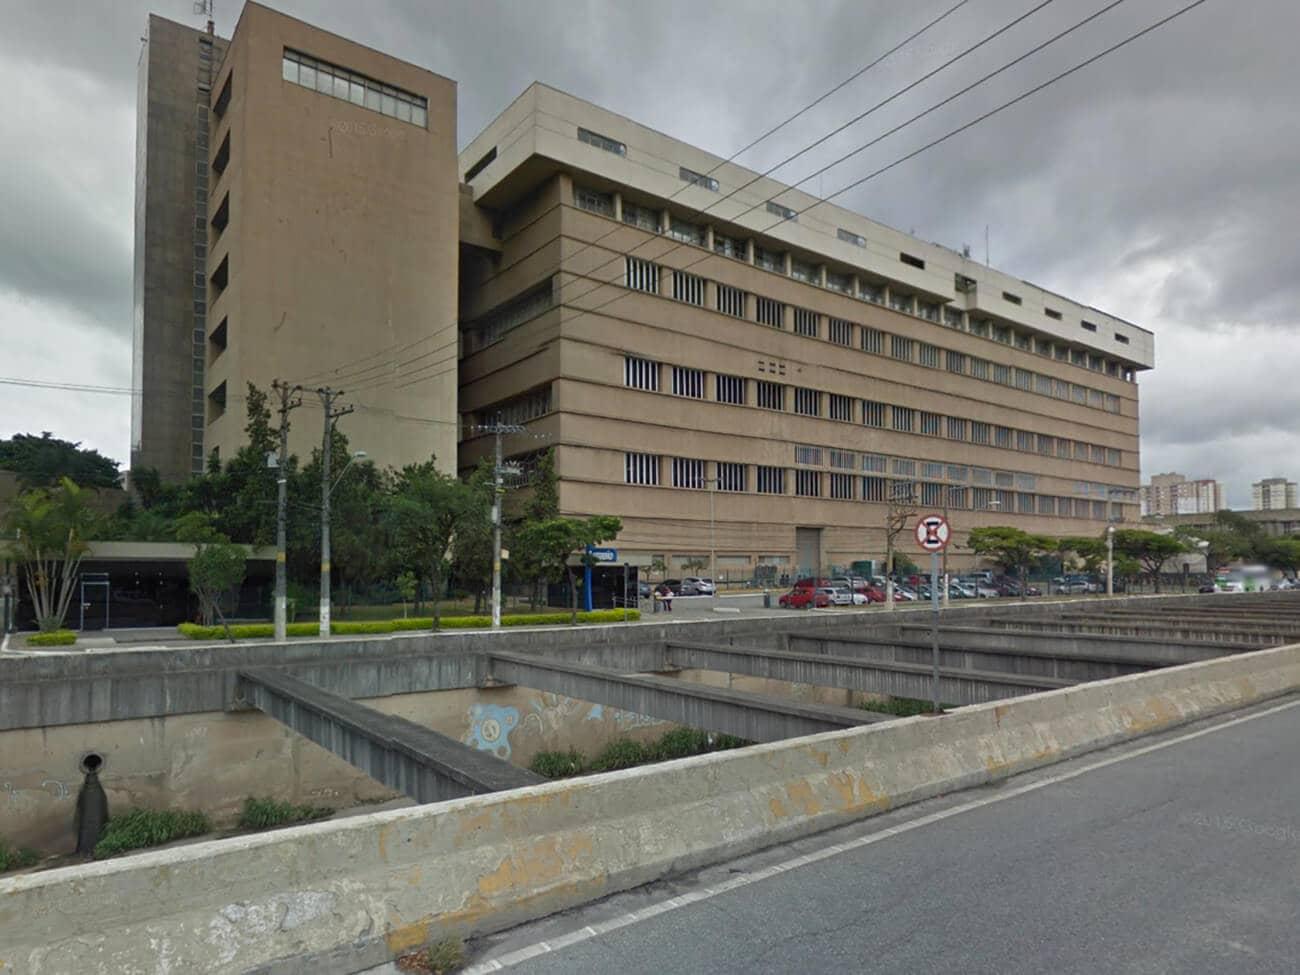 desentupidora no bairro do limao,empresa desentupidora no bairro do bairro do limao sp